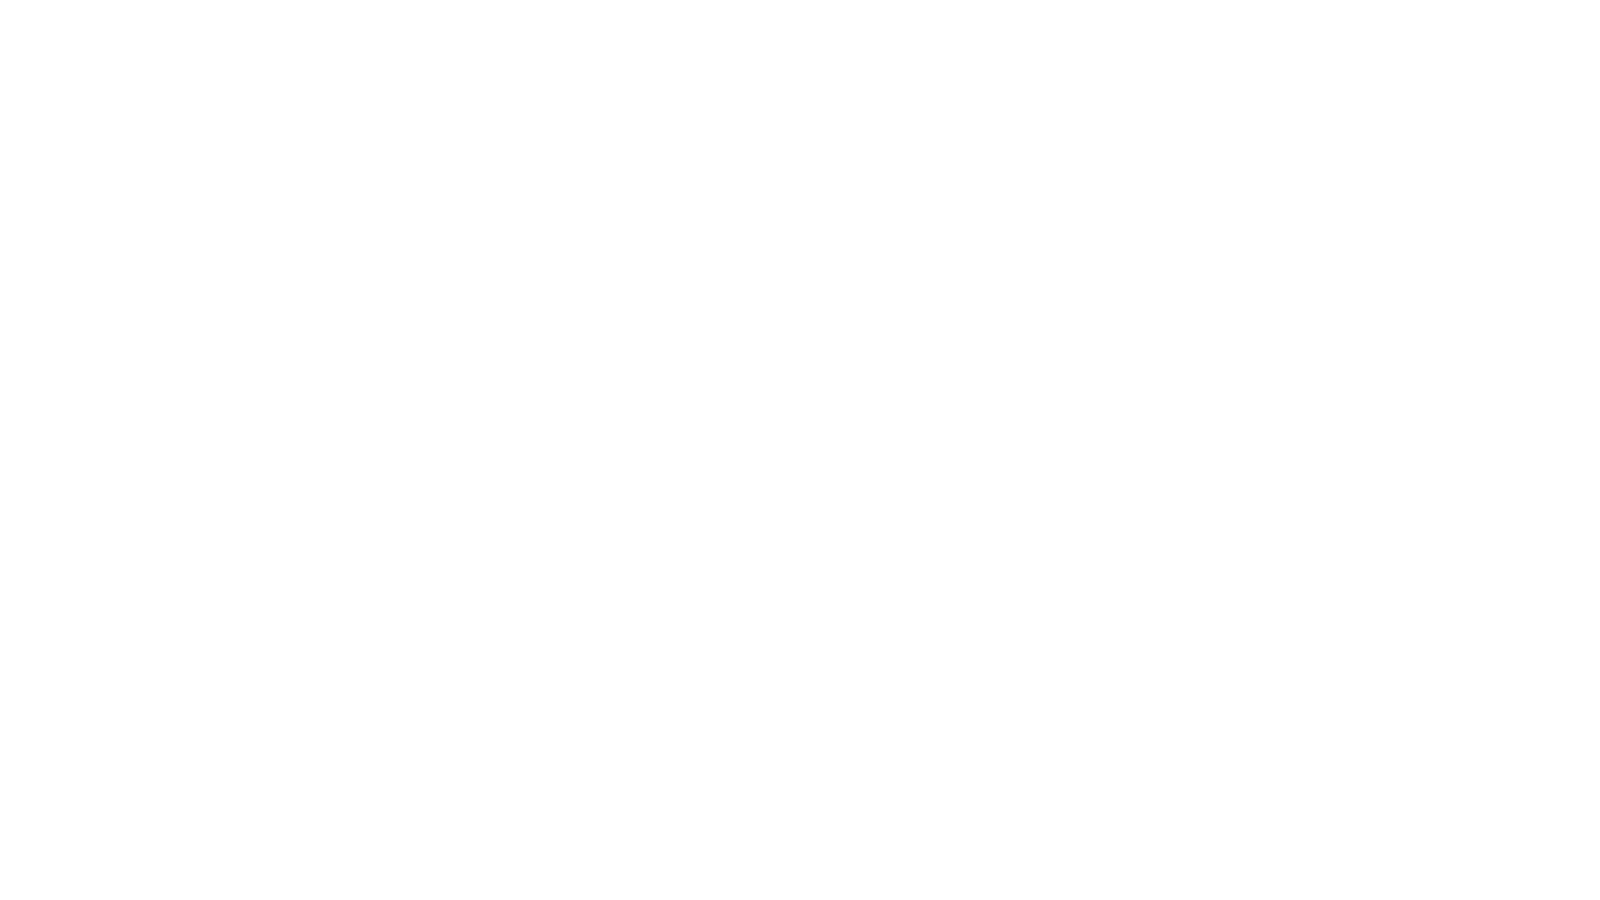 部屋撮り最強の組み合わせ。 『α7SⅢ + 最強広角単焦点24mm F1.4 GM』 これまでメインだったお手頃な『α6400 + SIGMA 16mm F1.4』との比較をします。  環境は、部屋撮り、明かりを消してモニターの光の元で撮影しています。 ISOは5000です。  ■撮影環境 フルサイズミラーレス一眼 カメラ:SONY α7SⅢ(https://amzn.to/2GBJgPa) レンズ:SONY FE 24mm F1.4 GM(https://amzn.to/36TBCKG) マイク:SONY XLR-K3M(https://amzn.to/3dgjsUl)  ミラーレス カメラ:Sony α6400(https://amzn.to/2GFFUXN) レンズ:SIGMA 16mm F1.4 Eマウント(https://amzn.to/2RJcGNK) マイク:Sony ECM-B1M(https://amzn.to/2RKdkuB)  その他 スイッチャー:Blackmagic Design ATEM Mini Pro(https://amzn.to/3deHkb0) SSDレコーダー:ATOMOS(アトモス) NINJA V(https://amzn.to/30VhOTf) 動画編集デバイス:Loupedeck CT(https://amzn.to/2IifFdX) マイク:audio-technica AT2050 (https://amzn.to/2xyzyrz) スタンド:Blue Microphones Compass (https://amzn.to/39rkgSK) ケーブル:audio-technica ATL458A/3.0 (https://amzn.to/2UmFE7v) インターフェース:YAMAHA AG06 (https://amzn.to/2Up1eIz) ポップガード:Stedman Proscreen 101 (https://amzn.to/33TVLMR) SSDレコーダー:ATOMOS(アトモス) NINJA V(https://amzn.to/30VhOTf)  ■メインPC MacBook Pro (16-inch, 2019) CPU:2.4 GHz 8コアIntel Core i9 メモリ:64 GB 2667 MHz DDR4 GPU:AMD Radeon Pro 5500M 8 GB  Intel UHD Graphics 630 1536 MB SSD:1TB 外付SSD:WD SSD 1TB(https://amzn.to/31cG568)  ■ブログ ハンノマライフ https://sugiyamayoshiaki.jp